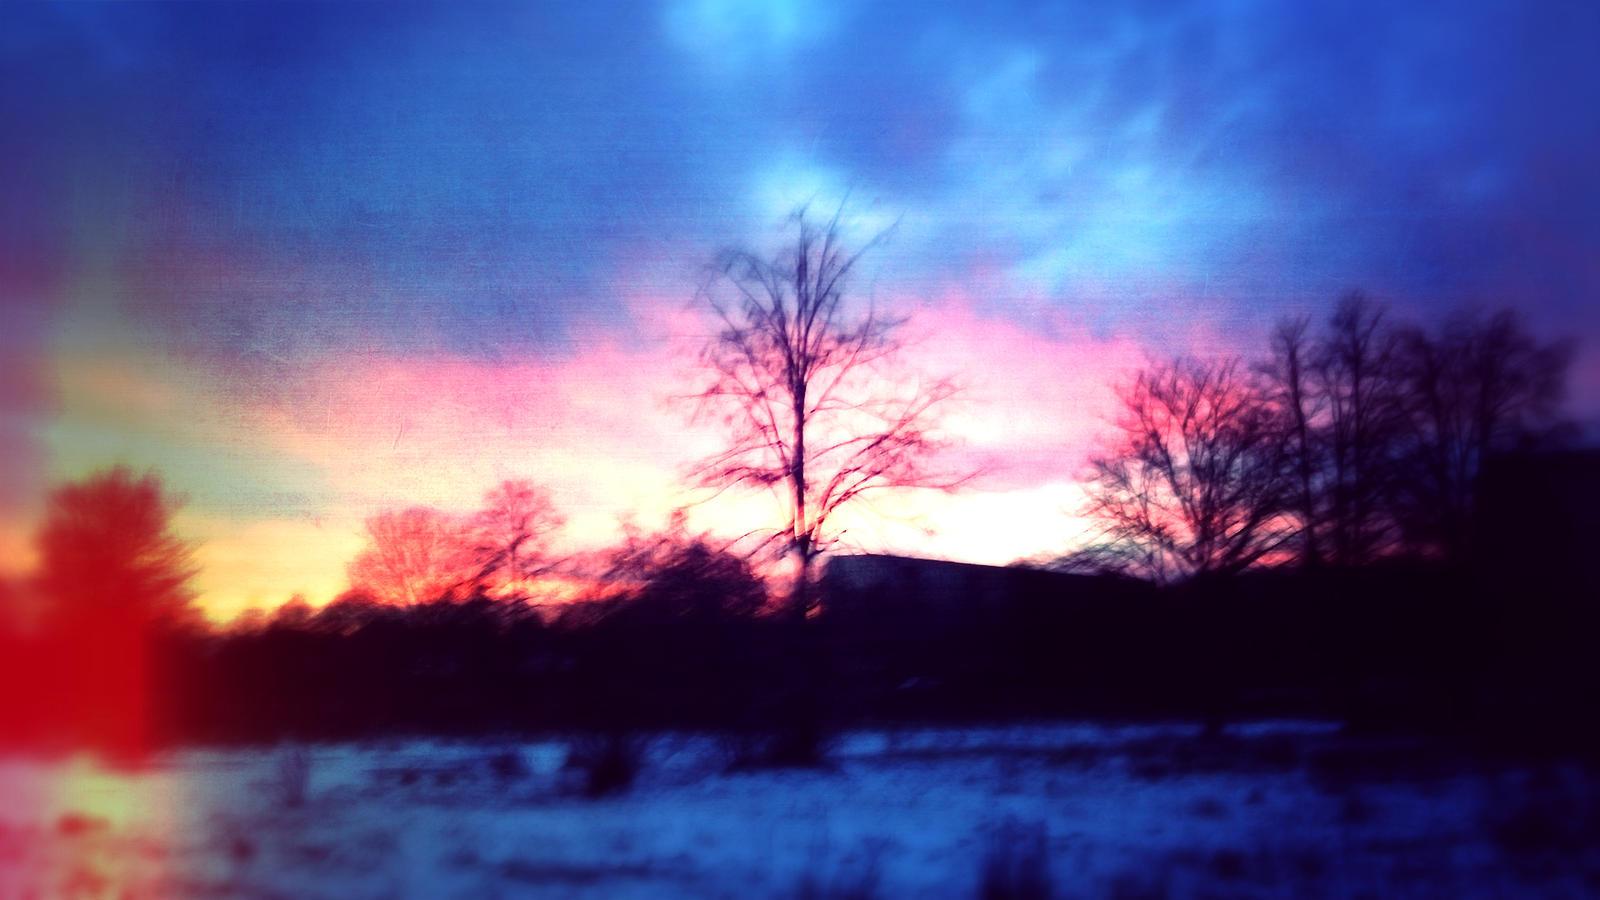 Sunset in Winter by xdarkaro